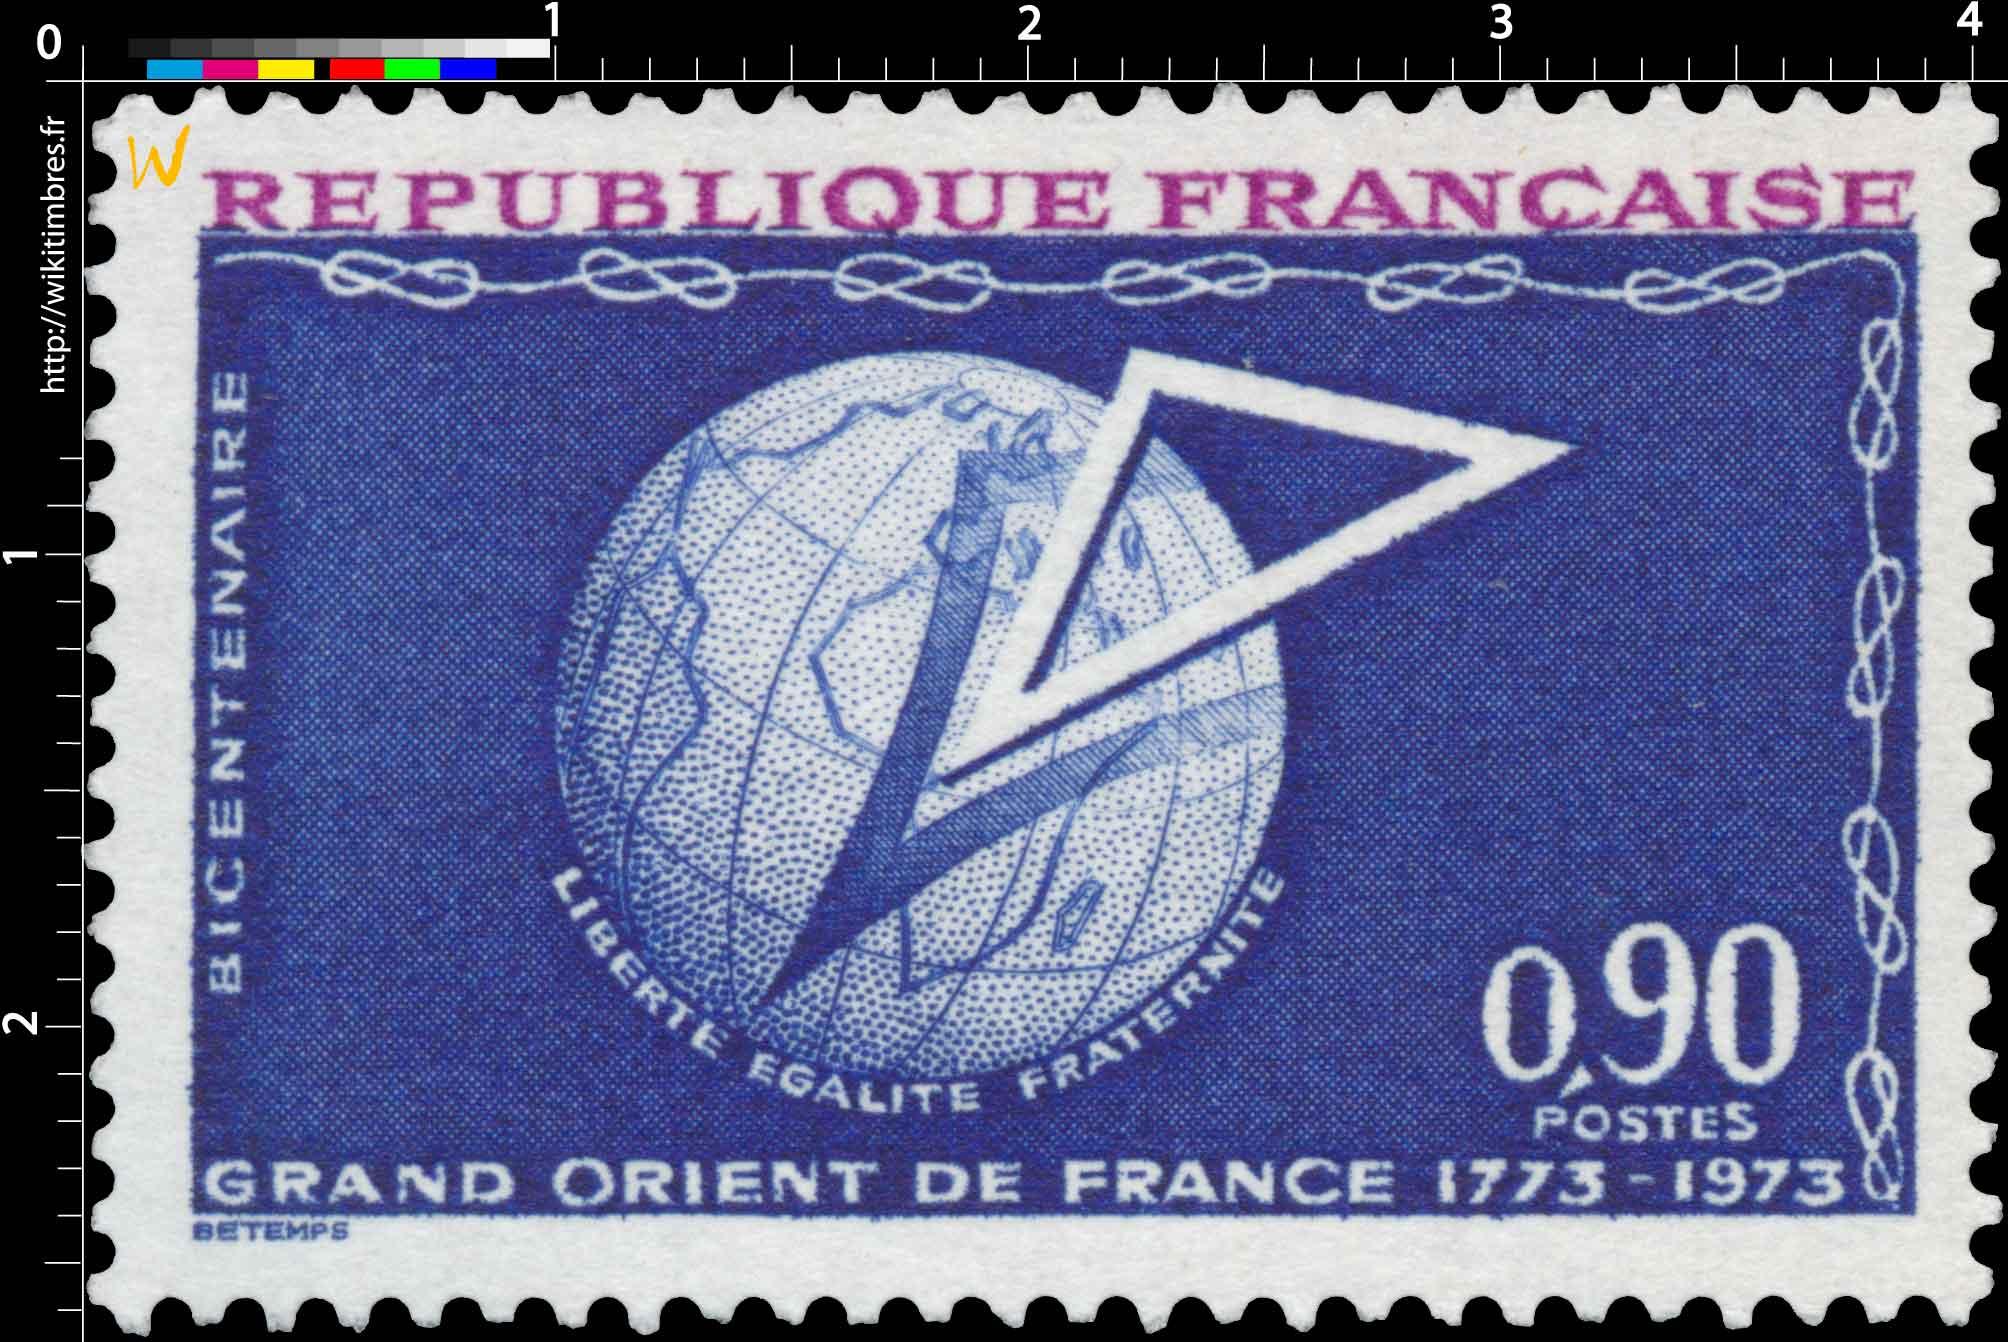 BICENTENAIRE GRAND ORIENT DE FRANCE 1773-1973 LIBERTÉ EGALITE FRATERNITÉ